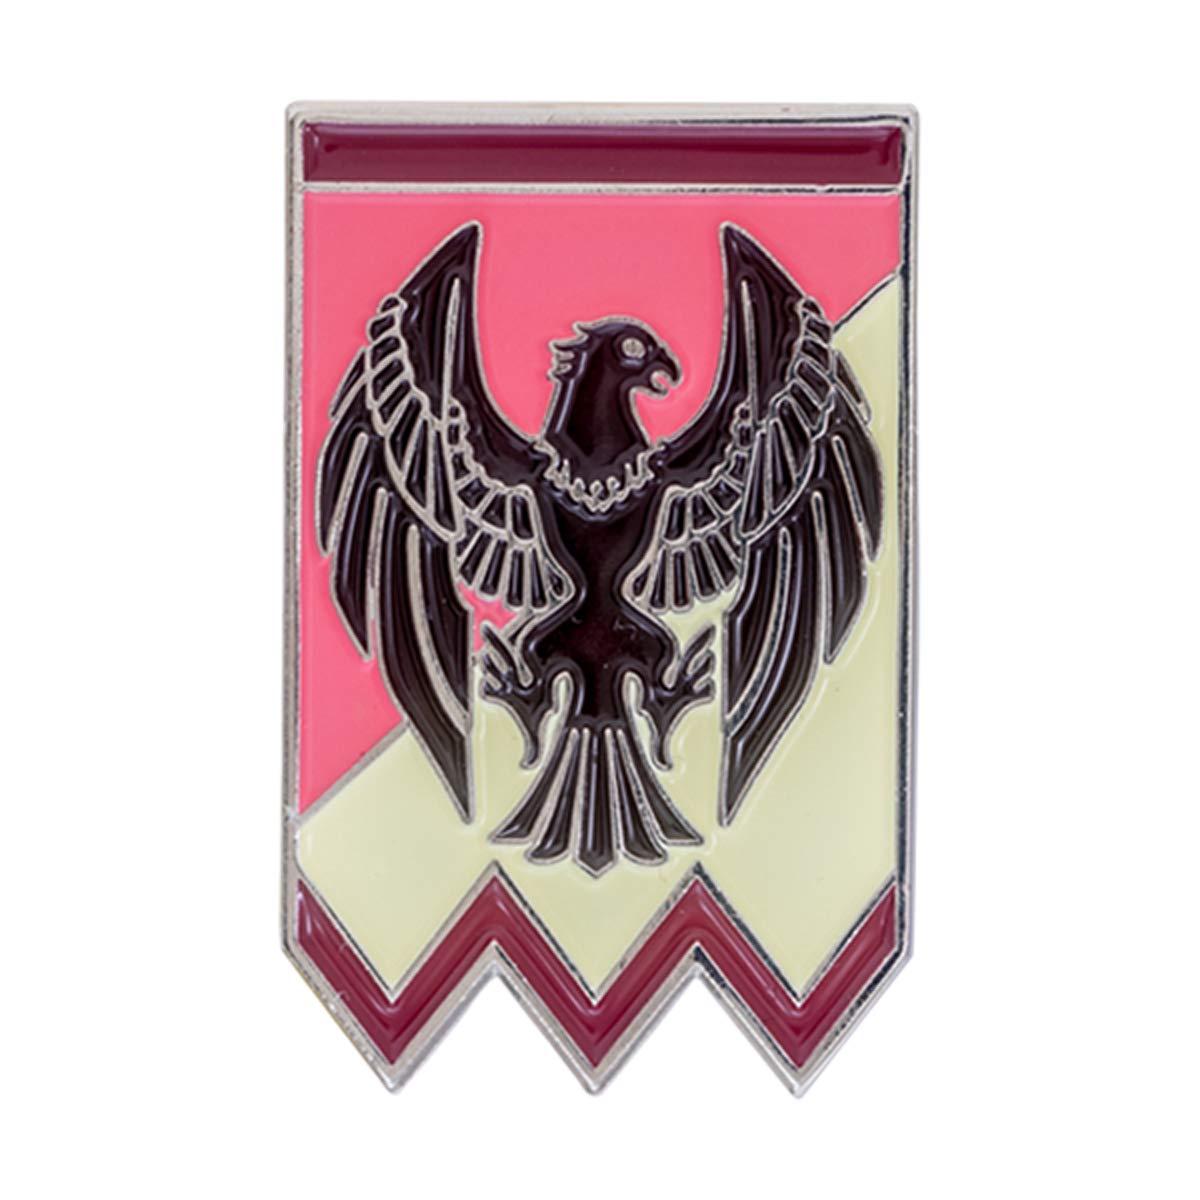 Chiefstore Fire Emblem Three Houses Mariage Bague Jeu Cosplay Costume Anneau Accessoires pour Hommes Femmes